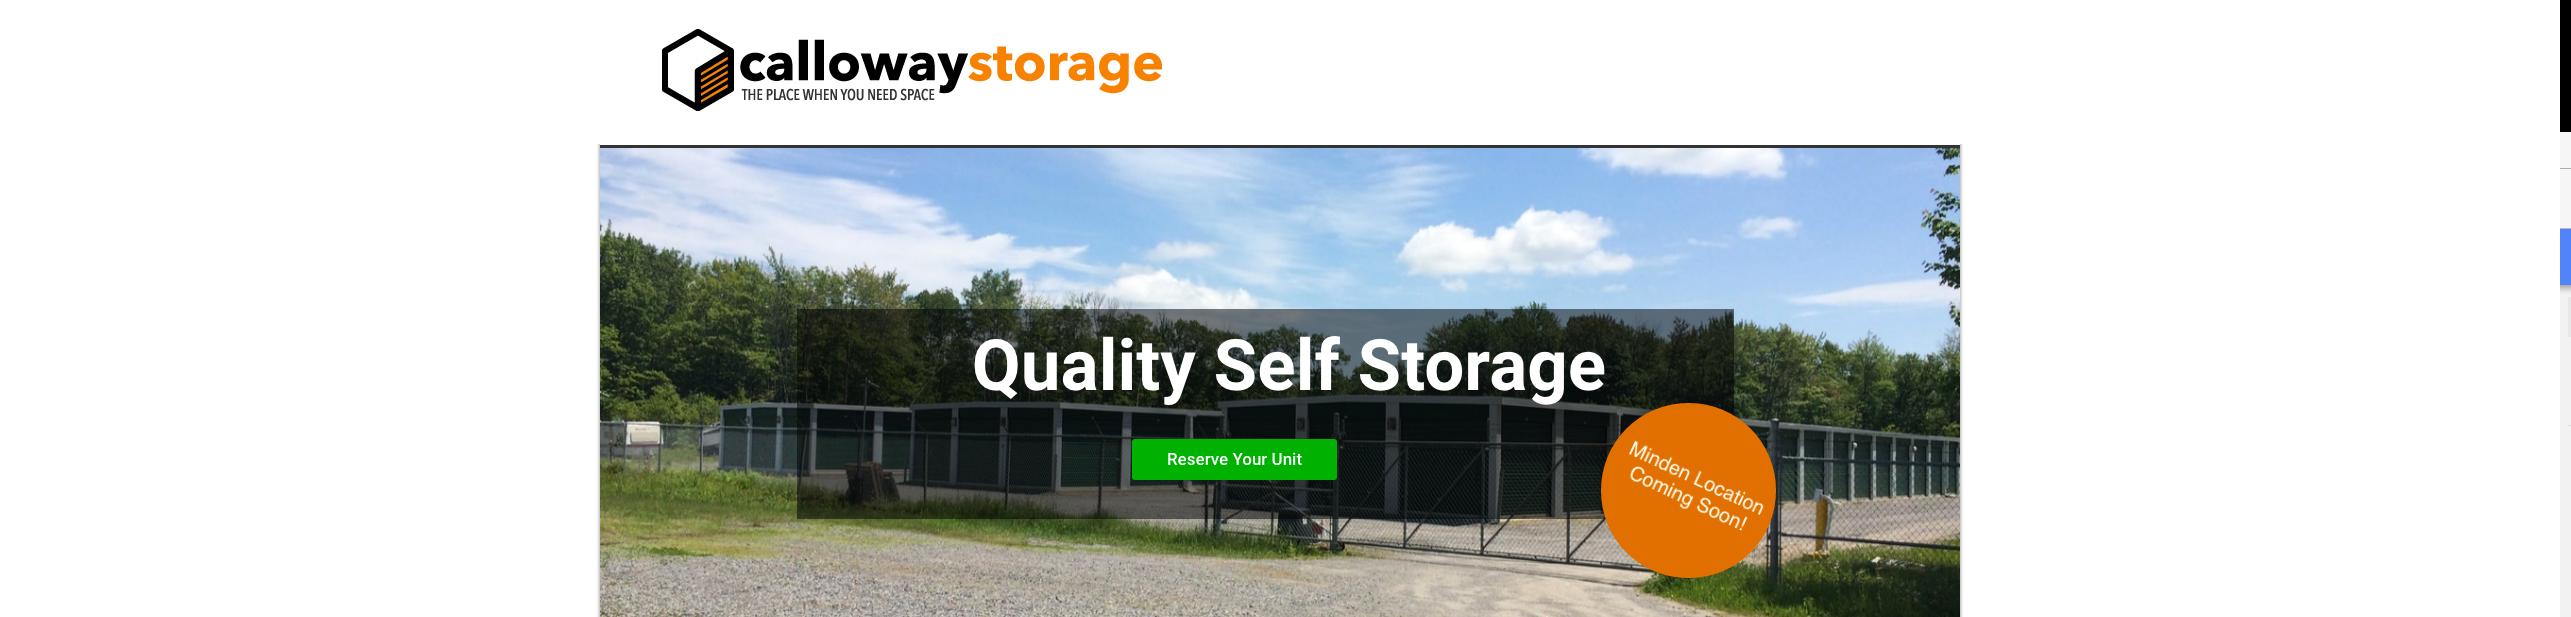 Calloway Storage